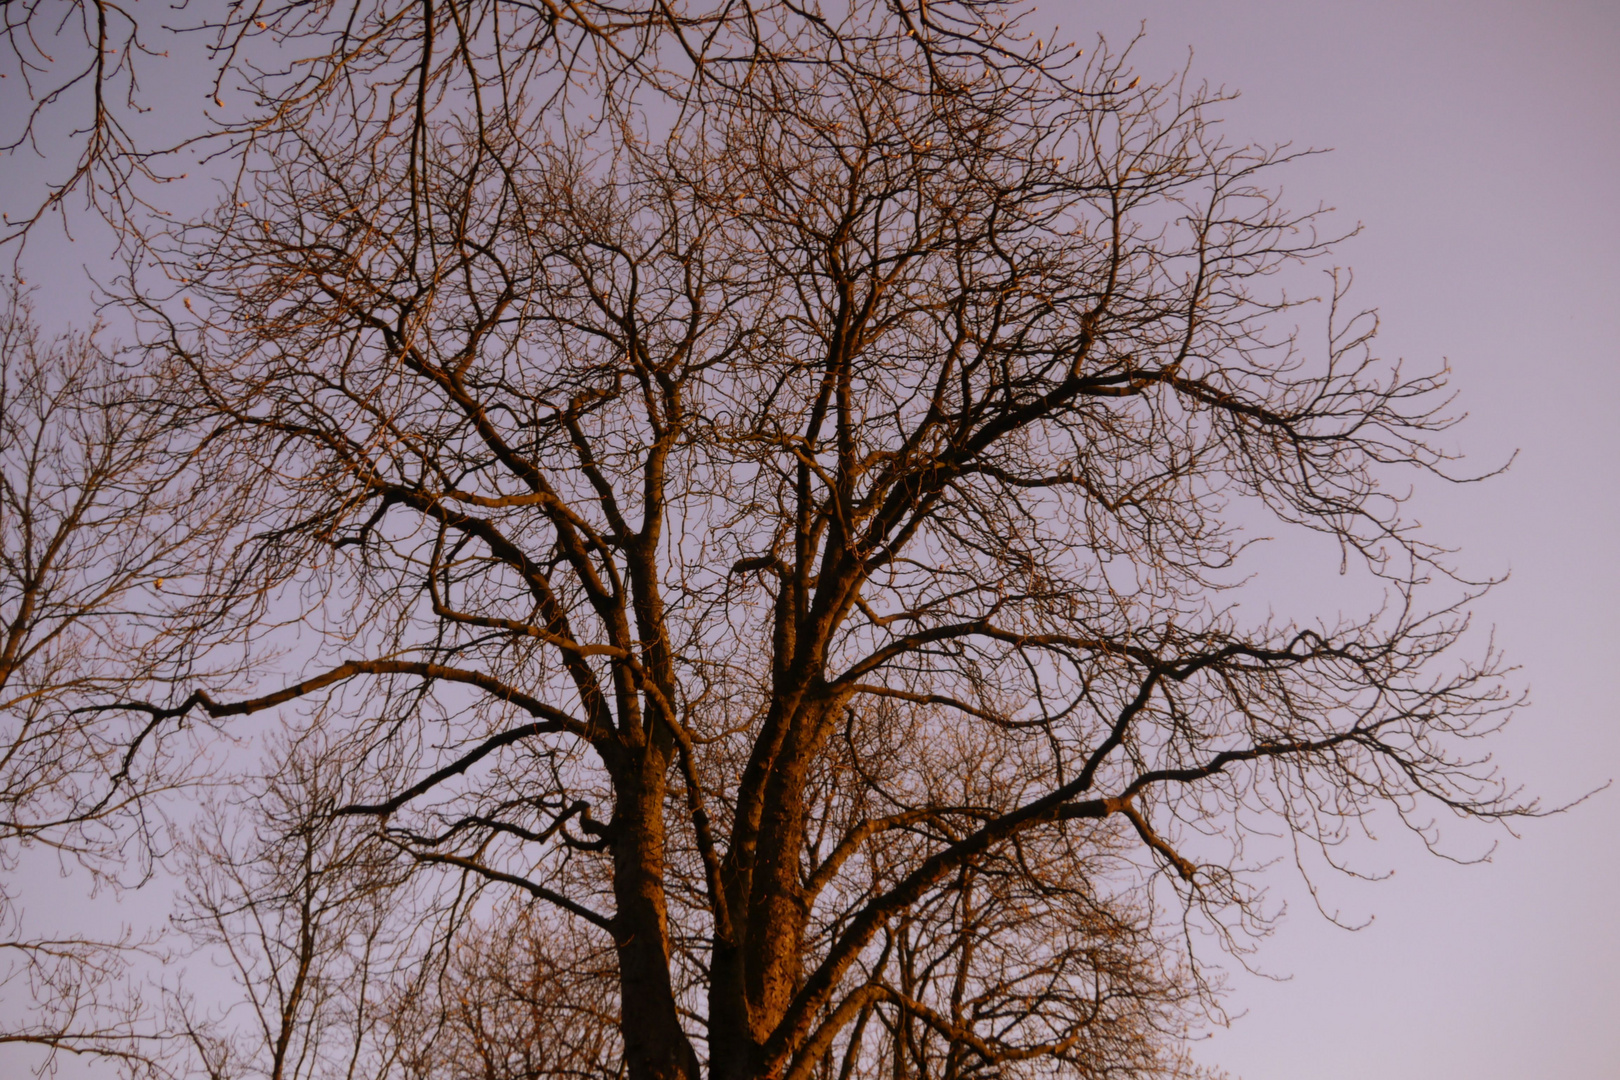 Schönheit eines Baumes.